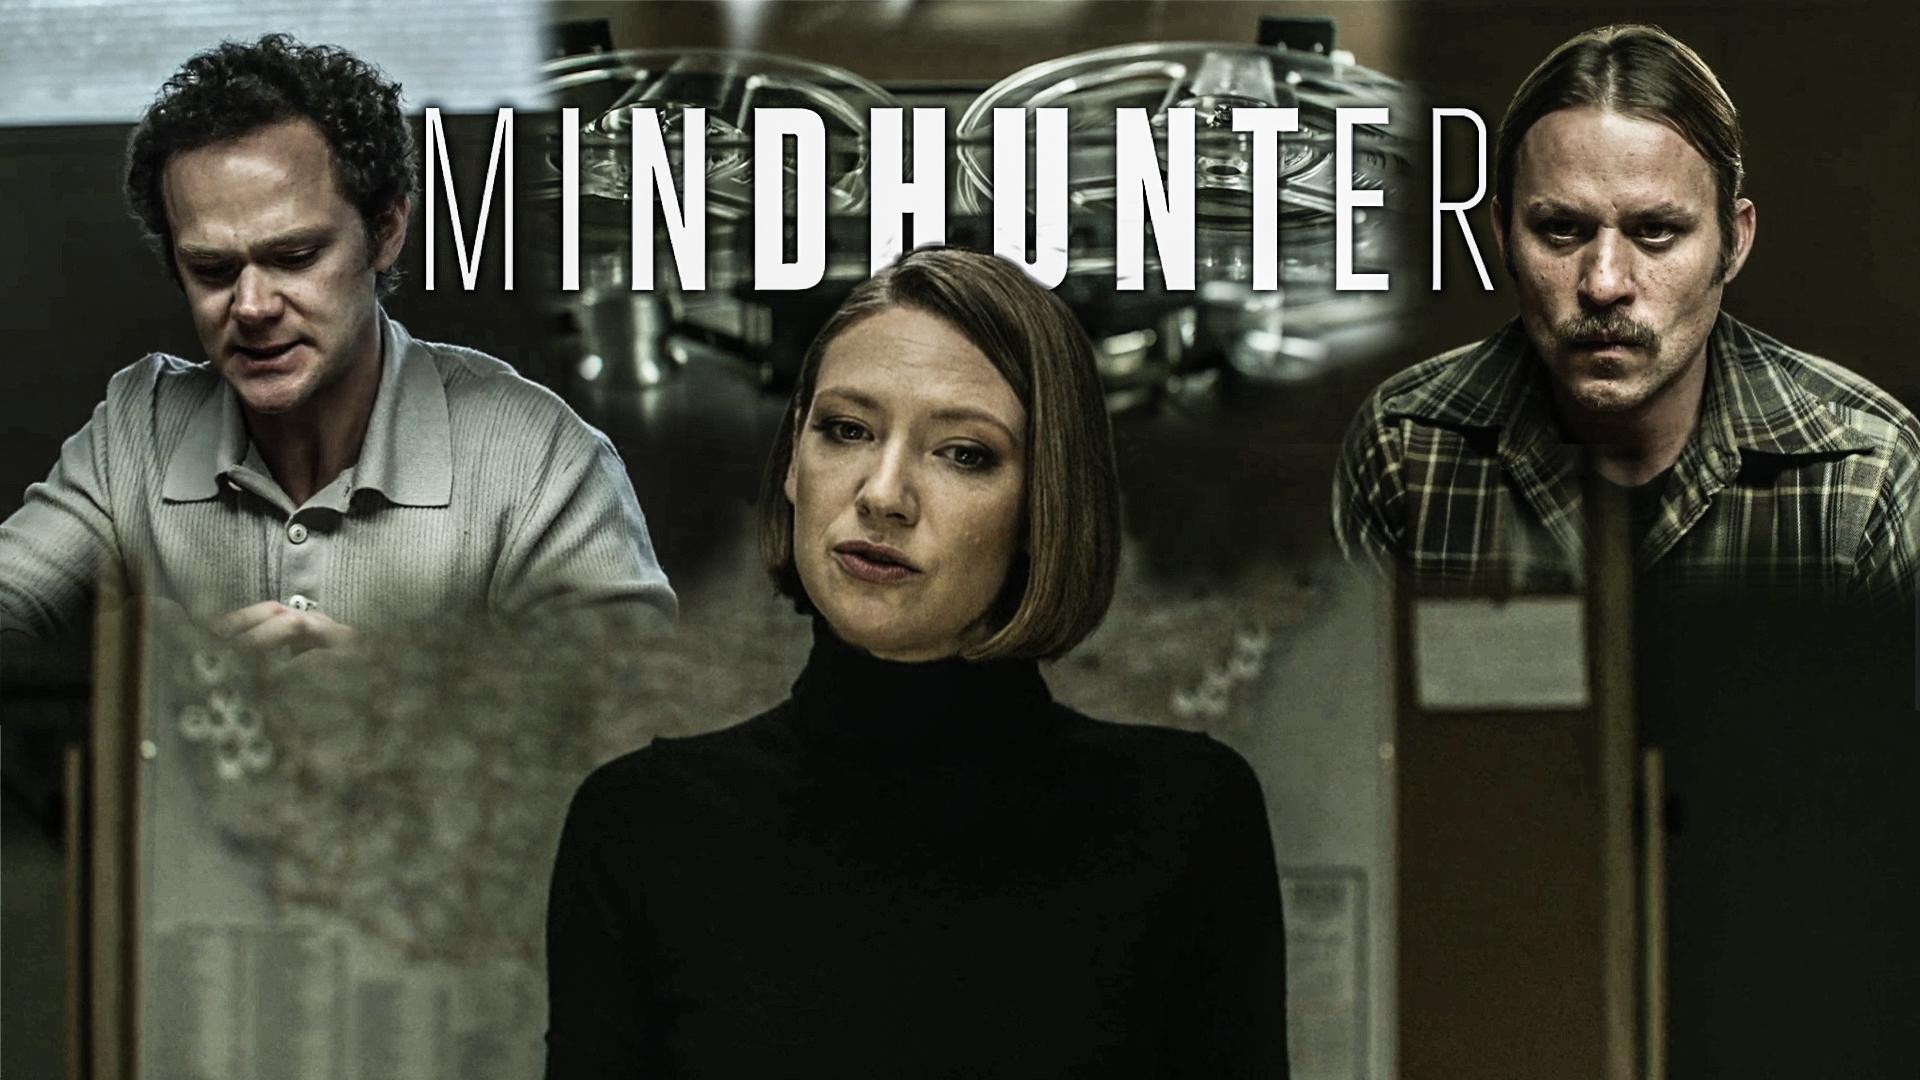 【墨菲】《心灵猎人》第6期:谁杀了贝芙莉?温蒂靠一个单词揭露事件全貌